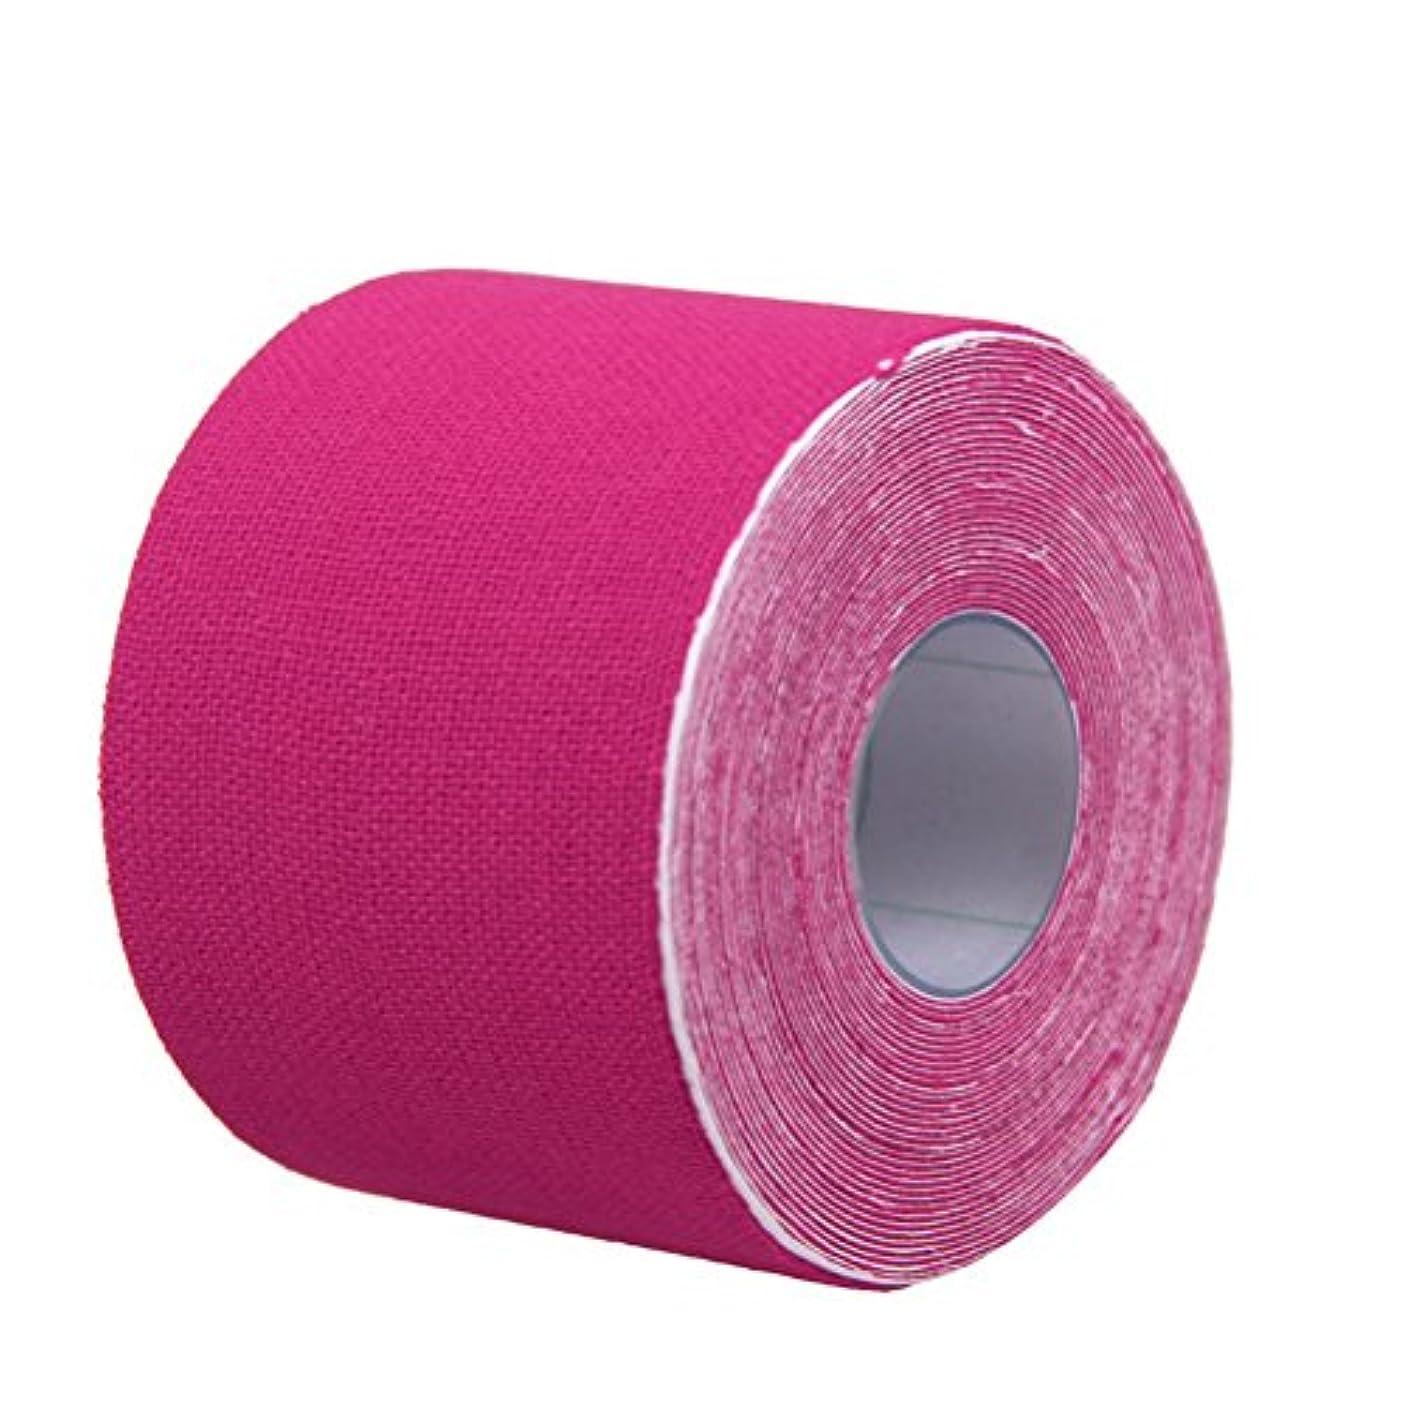 展望台つぼみ類推ROSENICE キネシオロジーテープセットセラピースポーツフィジオセラピー500x2.5cm(ピンク)